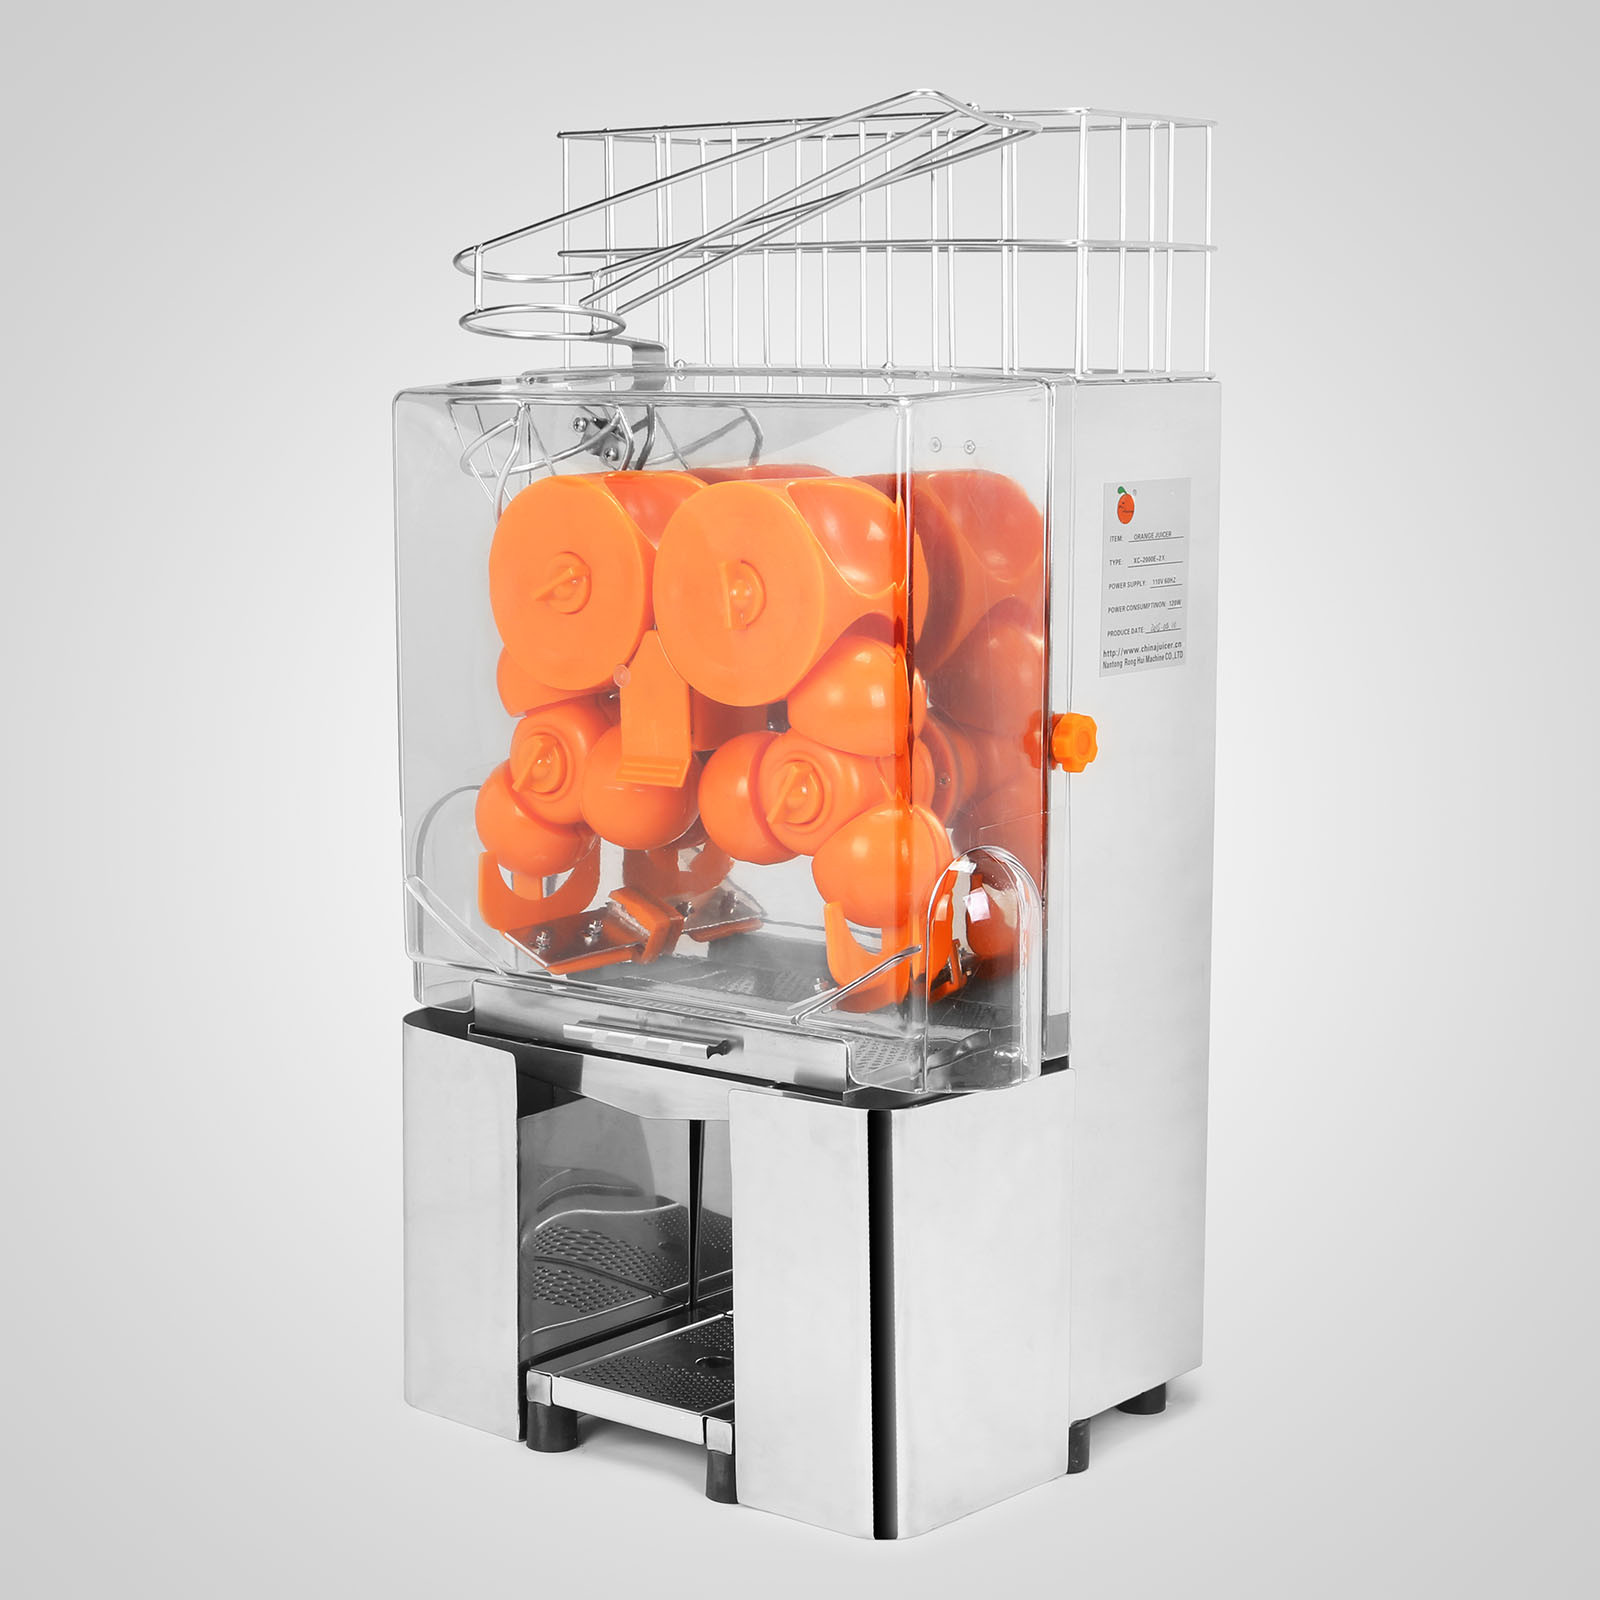 Автоматическая соковыжималка для апельсинов из нержавеющей стали 4